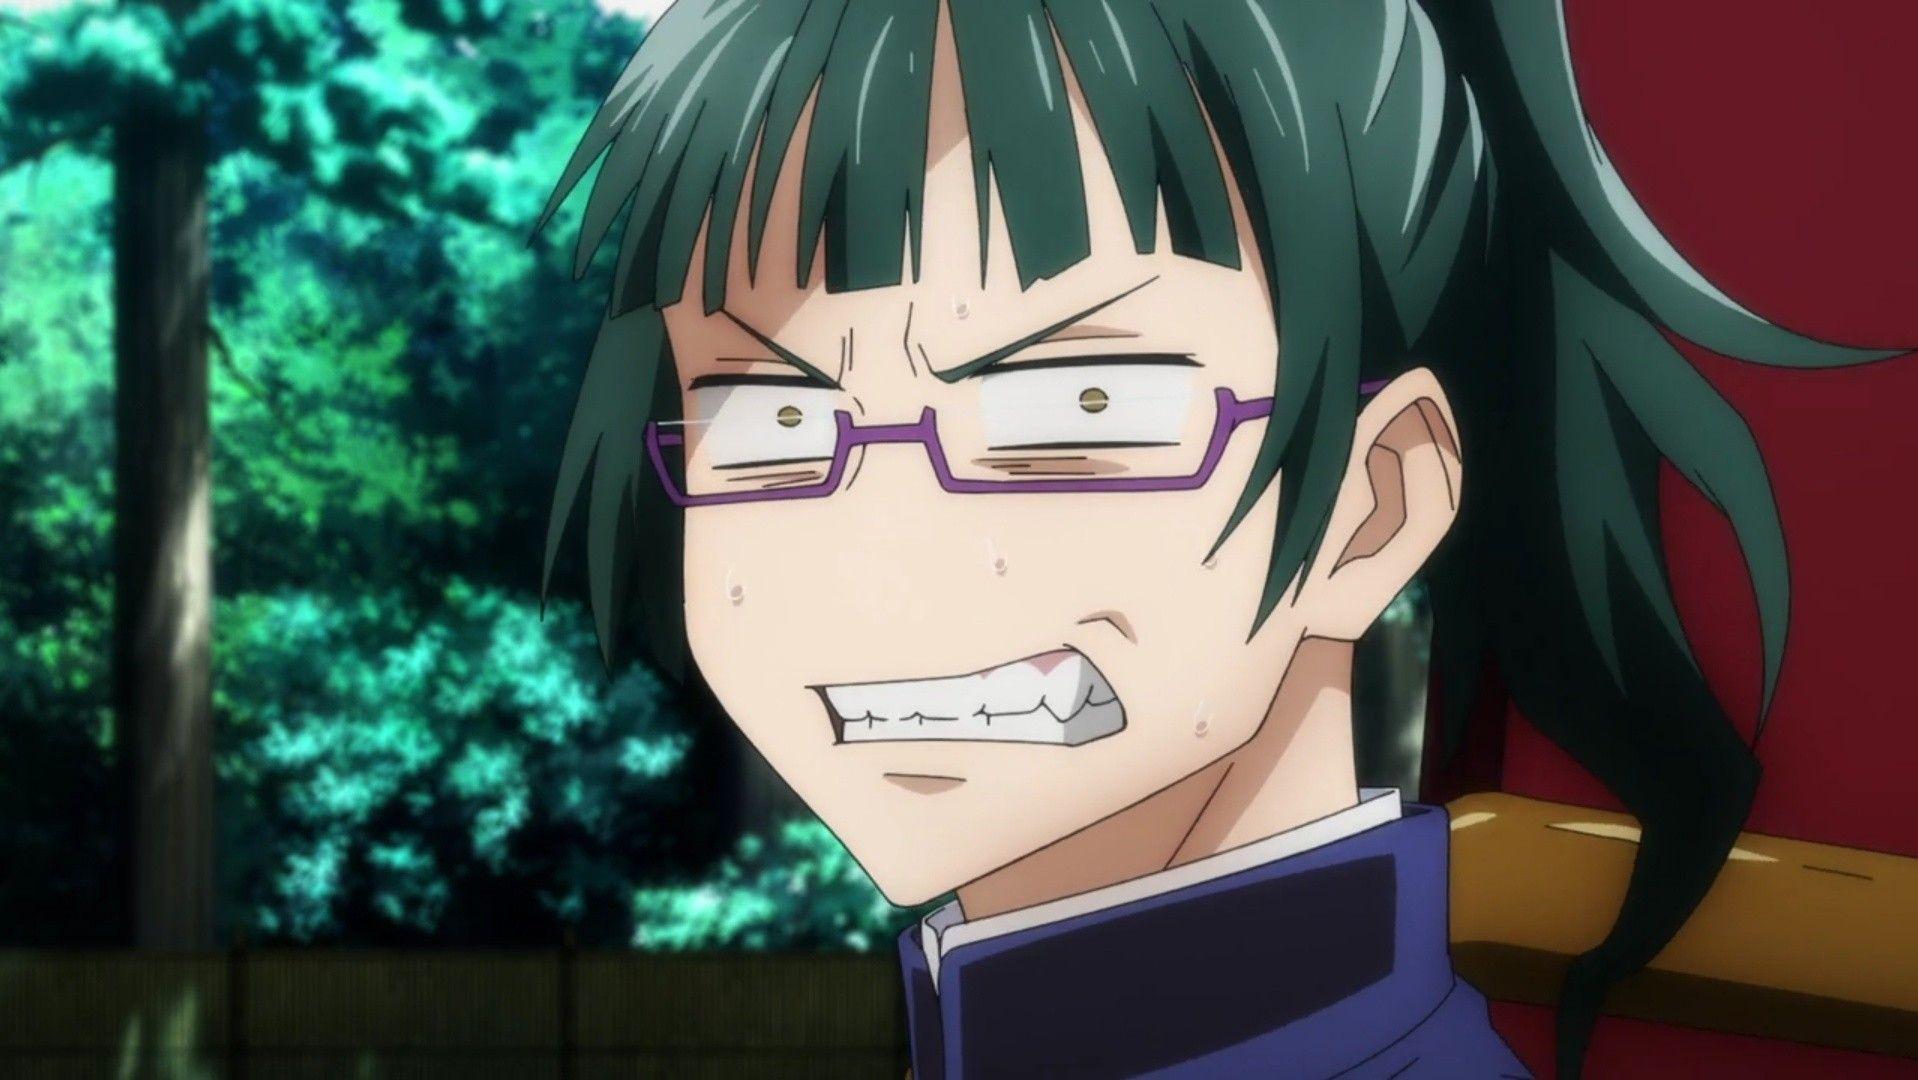 jujutsu kaisen s1e5 可愛い アニメ 呪術